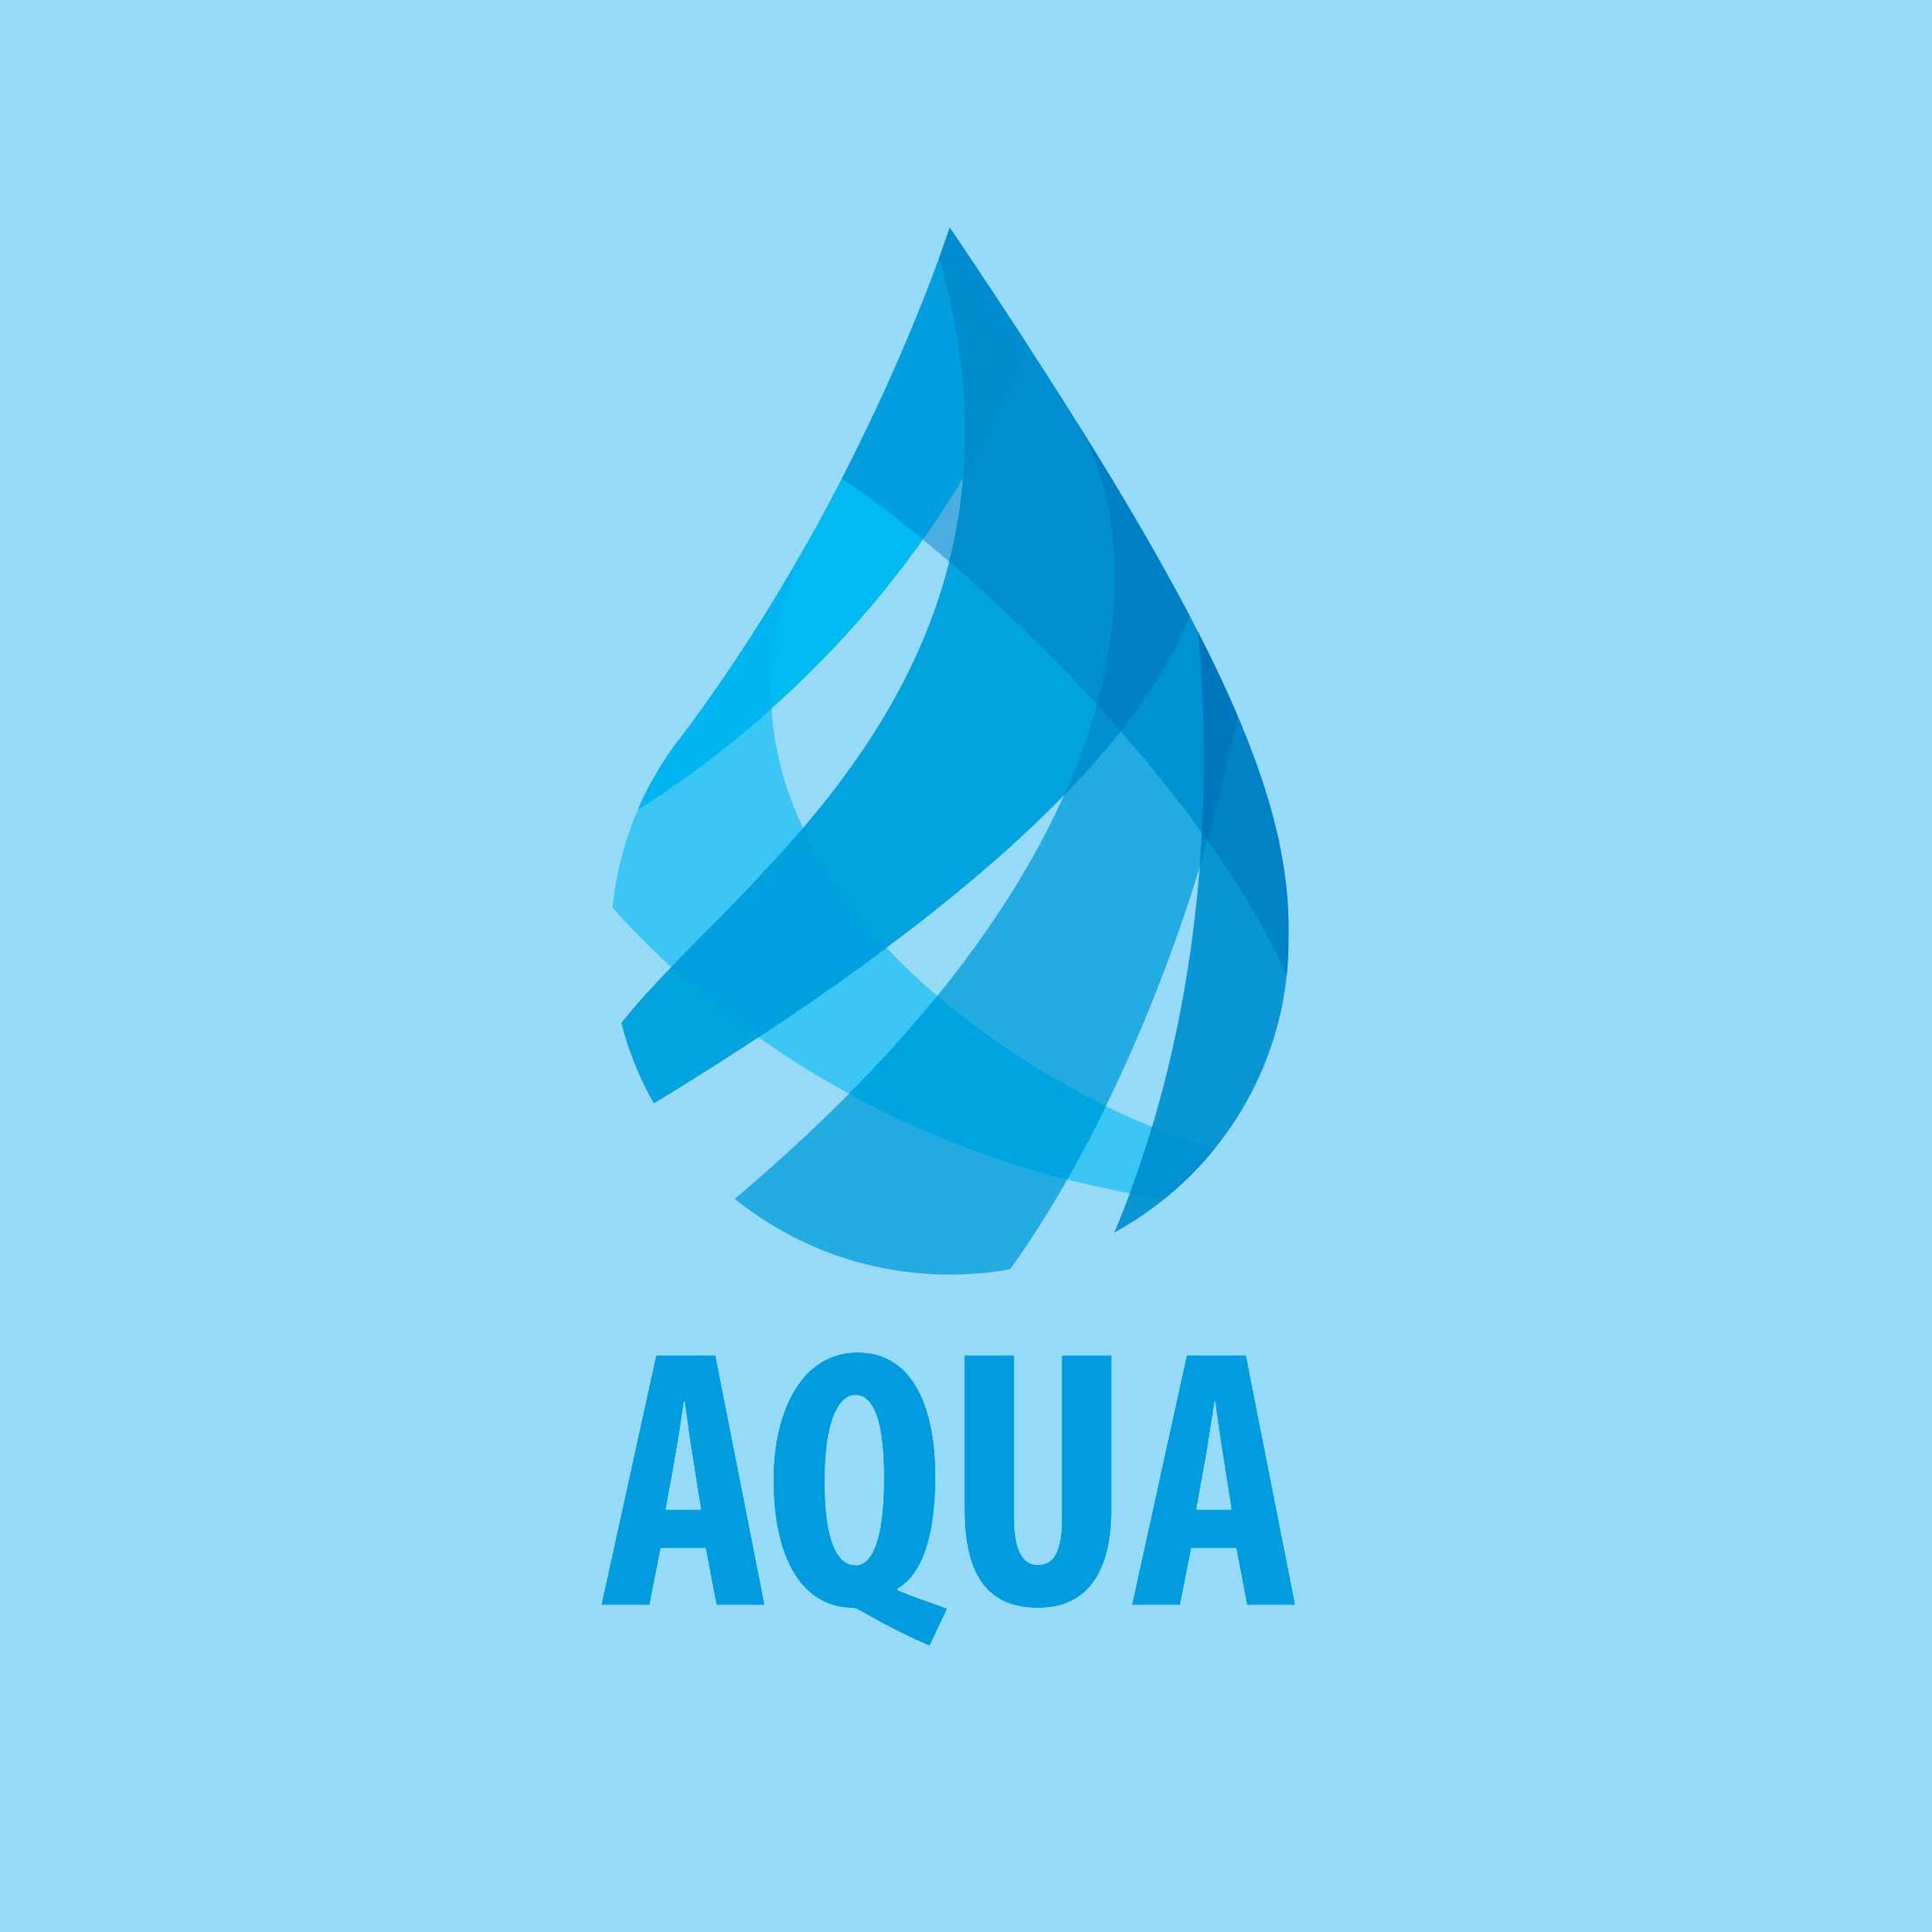 Water-drop-logo-free-vectro